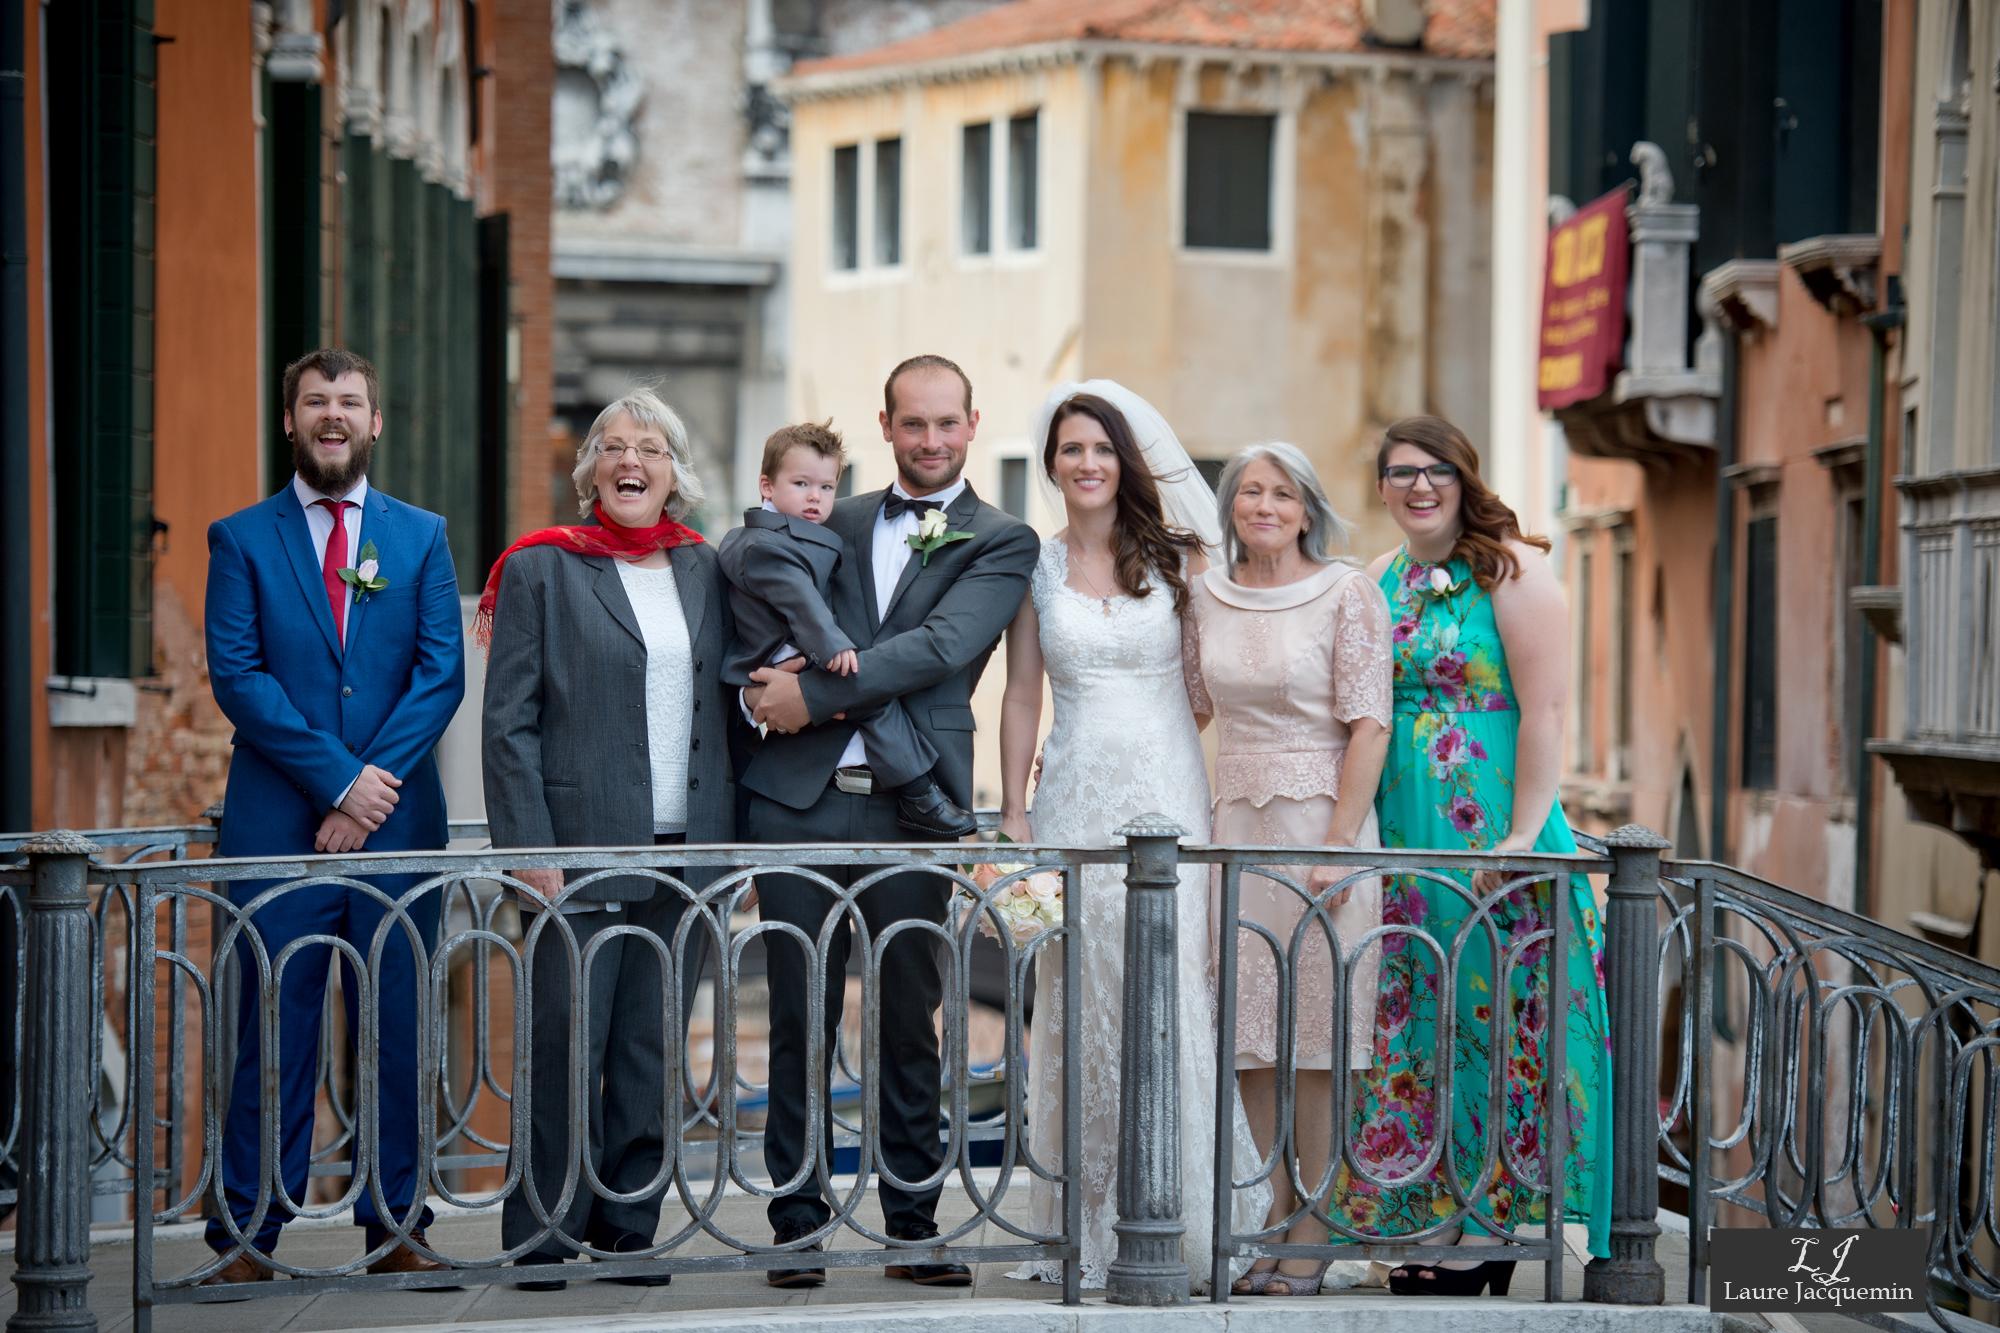 photographe mariage laure jacquemin palazzo cavalli service photographique (63)